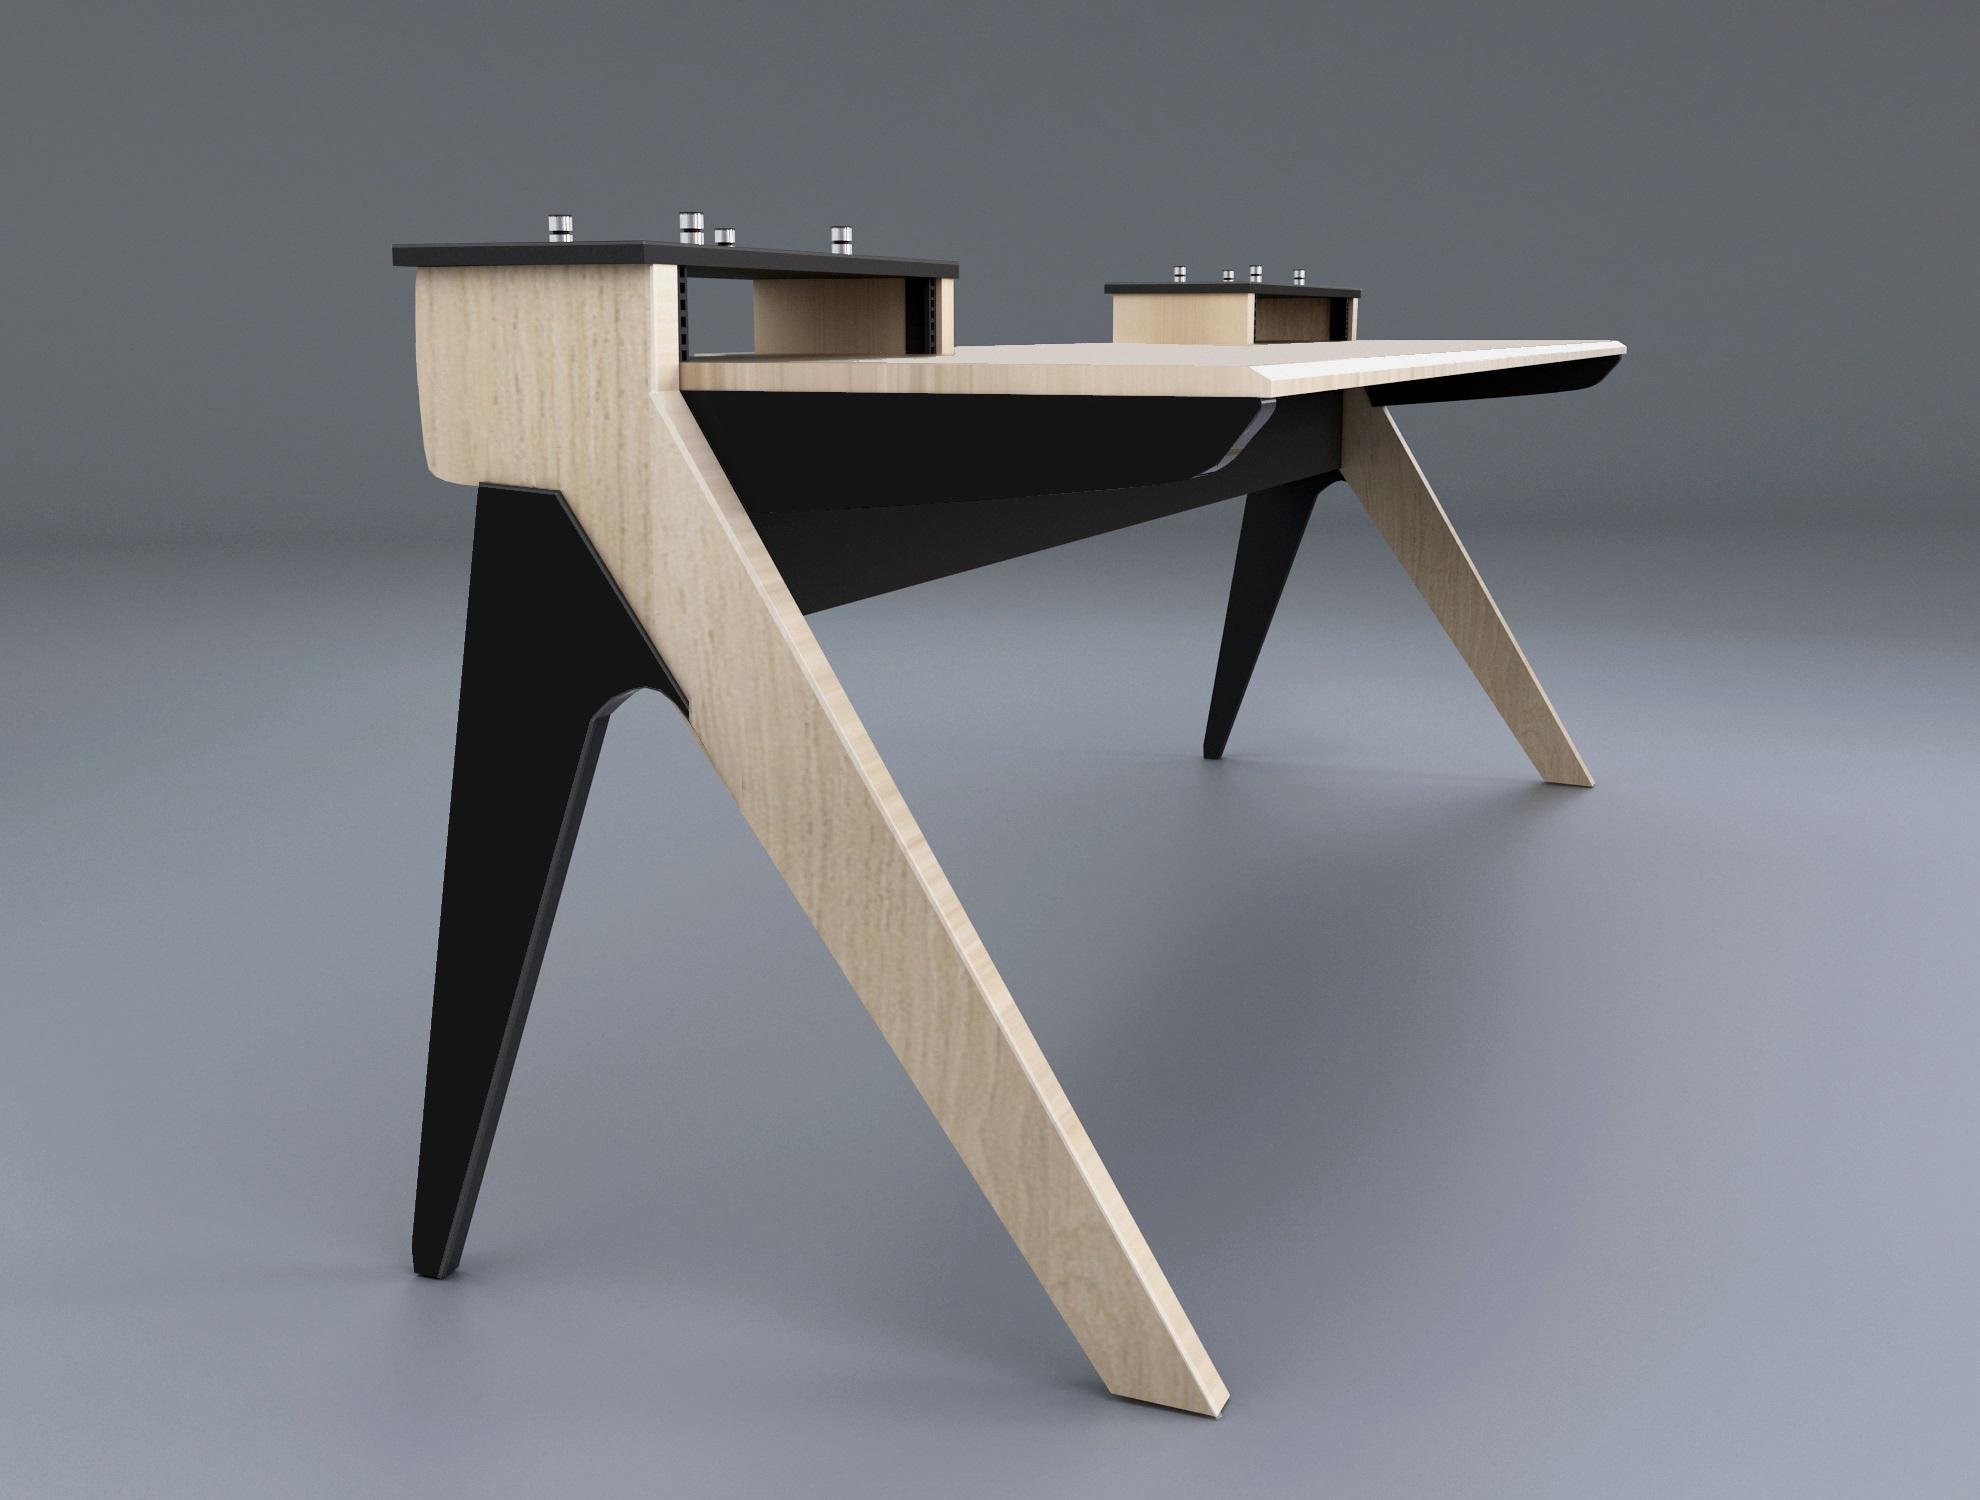 d co cuisine pas cher pour studio 16 28 16 lyon table. Black Bedroom Furniture Sets. Home Design Ideas